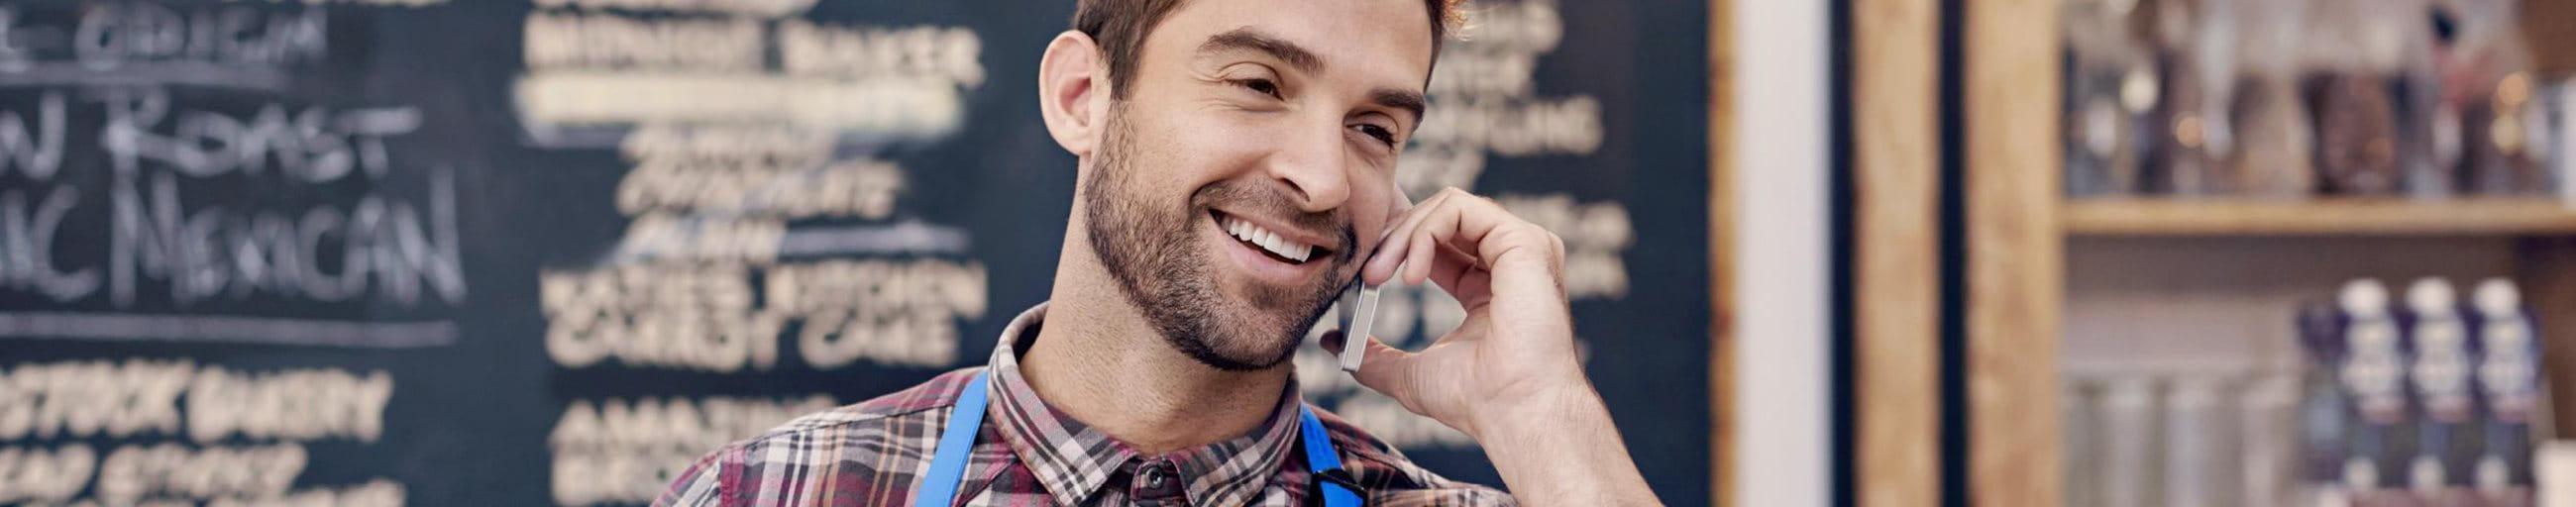 Homme fait un téléphone